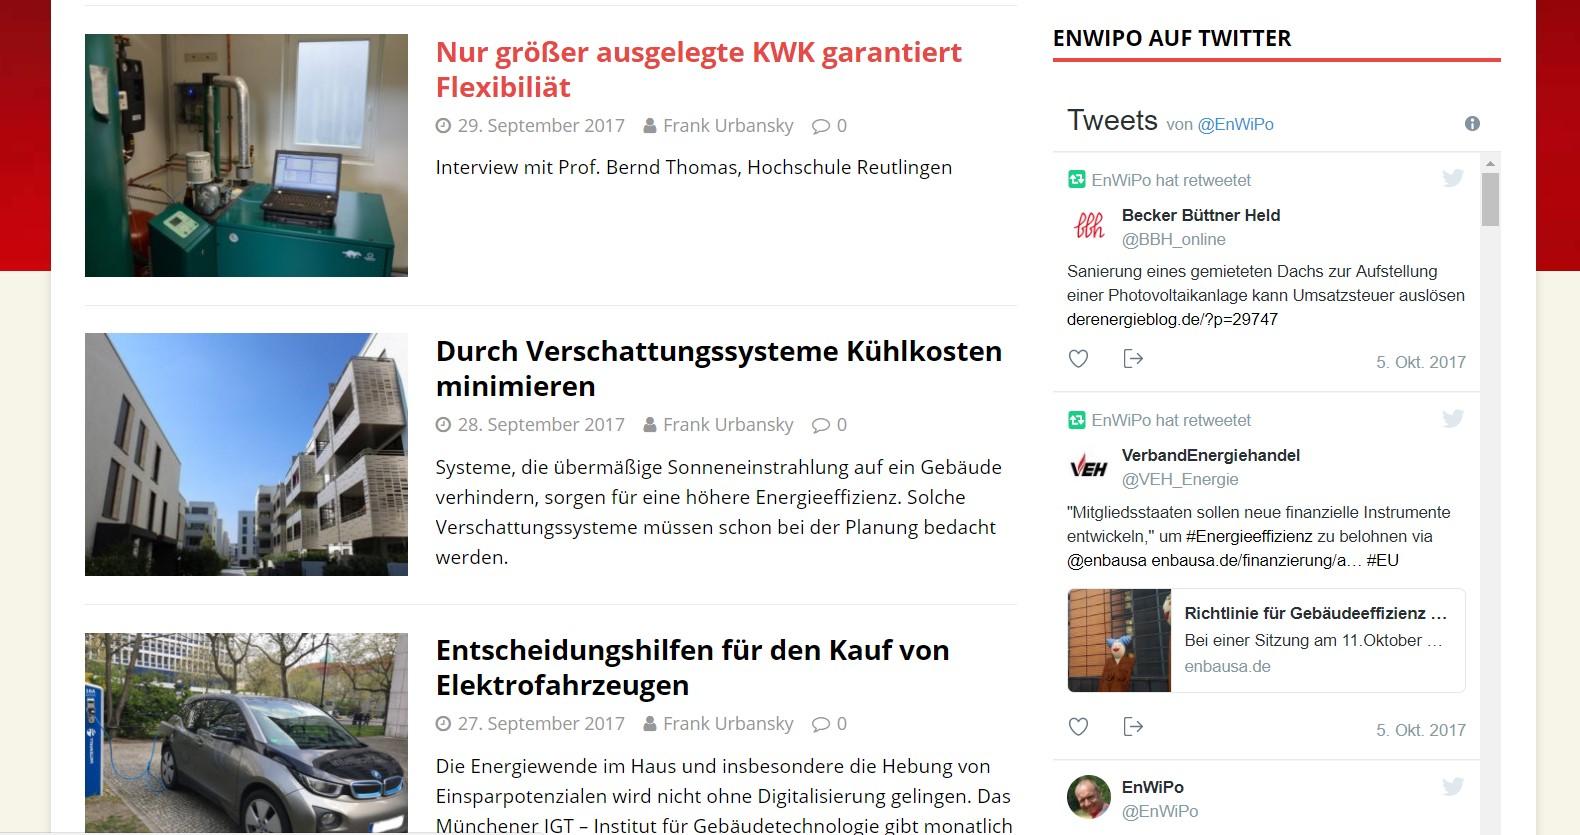 Ein Blog ist ein geeignetes und günstiges Medium, um auf ein Unternehmen aufmerksam zu machen. Screenshot: EnWiPo